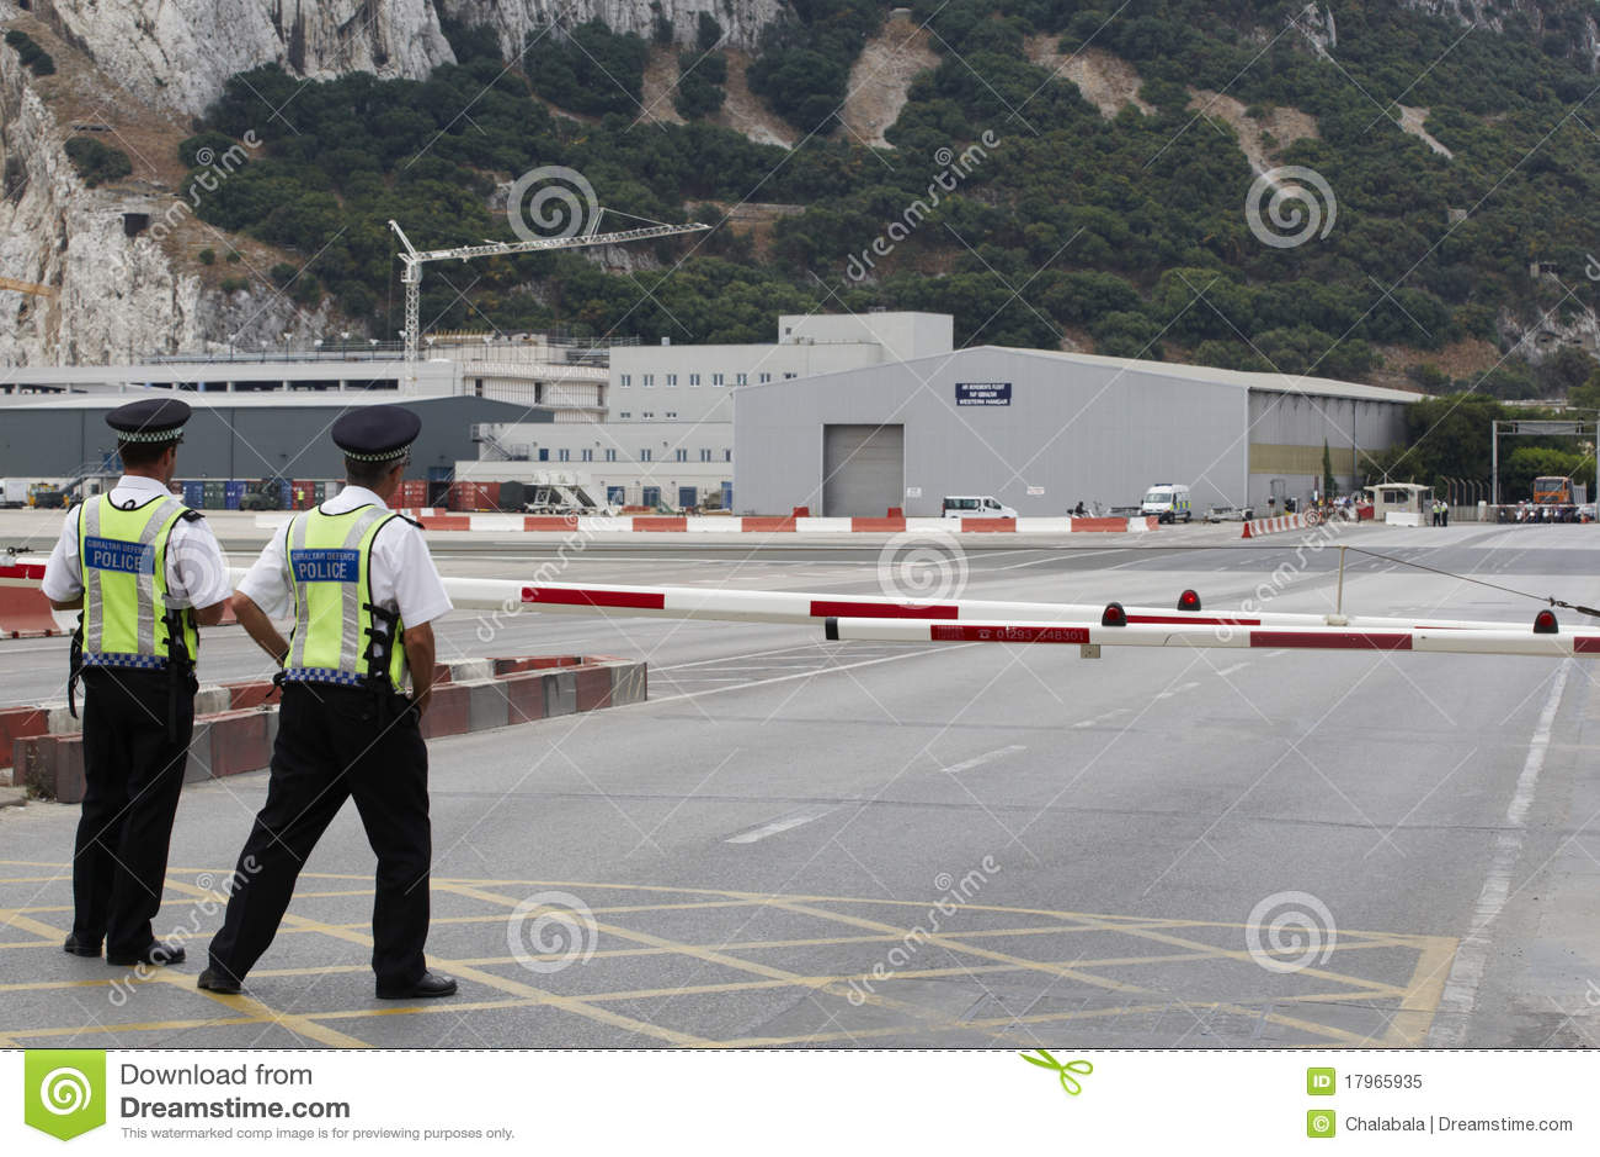 Aeroporto Gibilterra : Aeroporto della gibilterra immagine editoriale